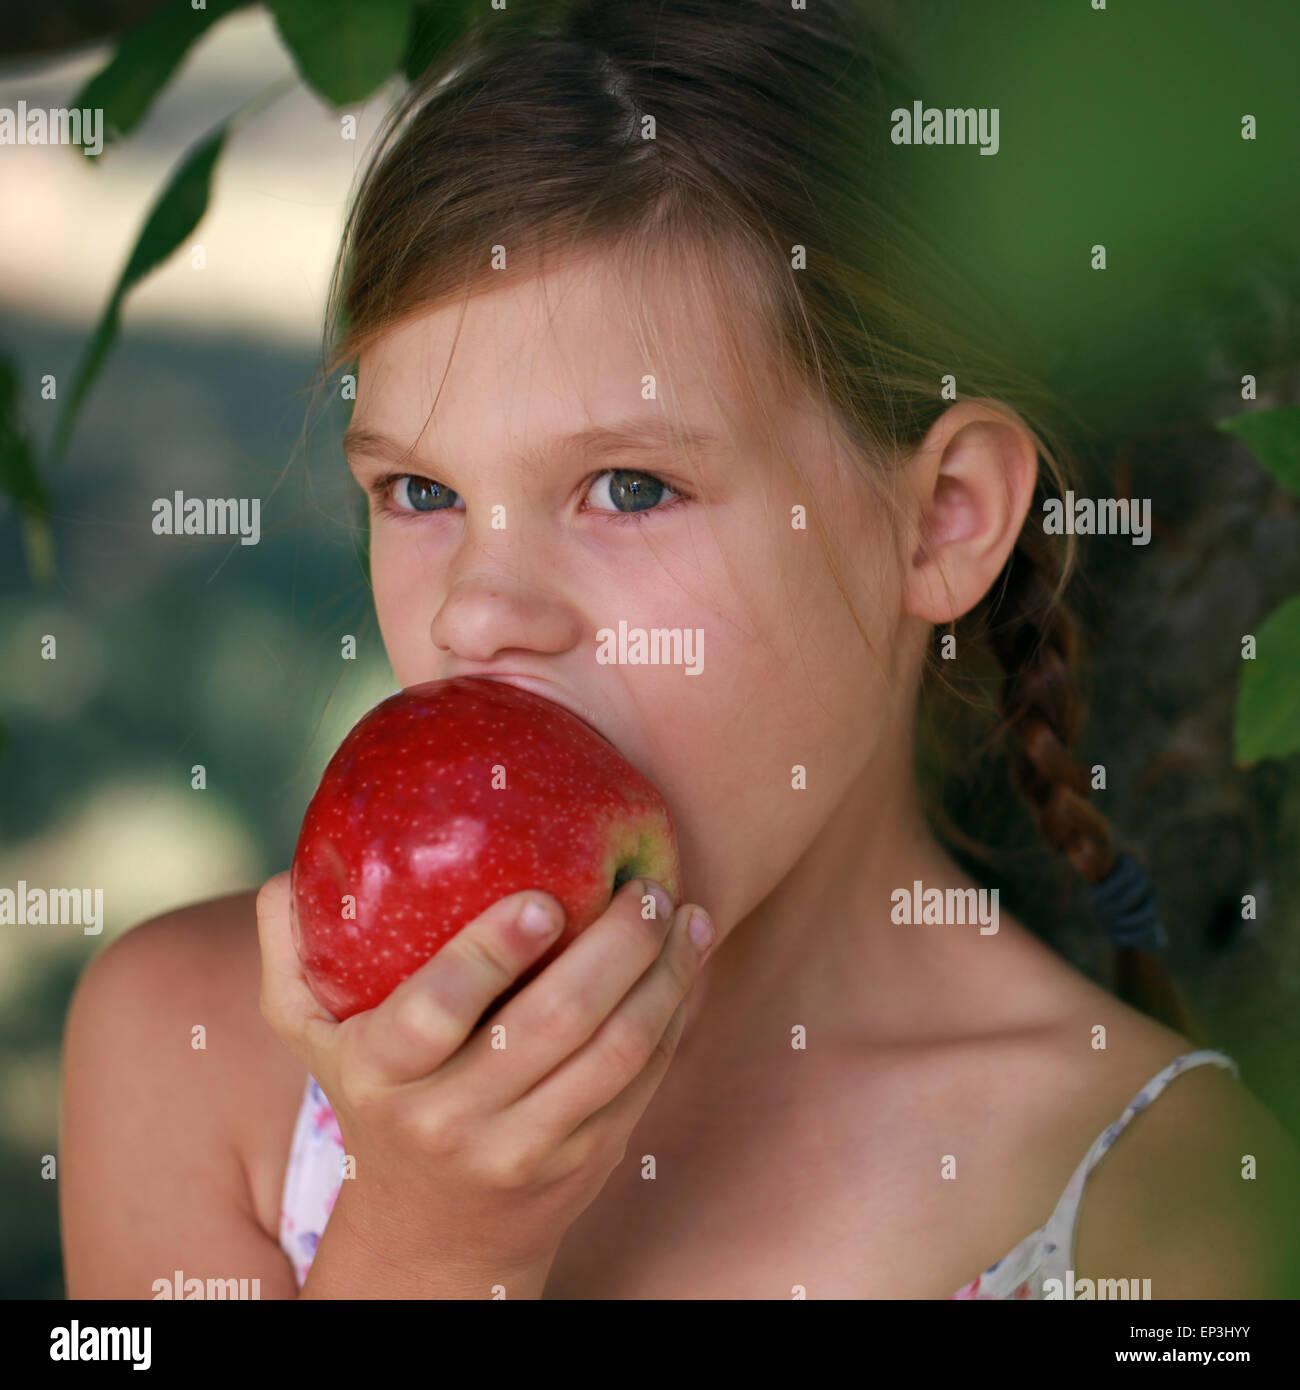 Mädchen beisst in einen Apfel - Stock Image